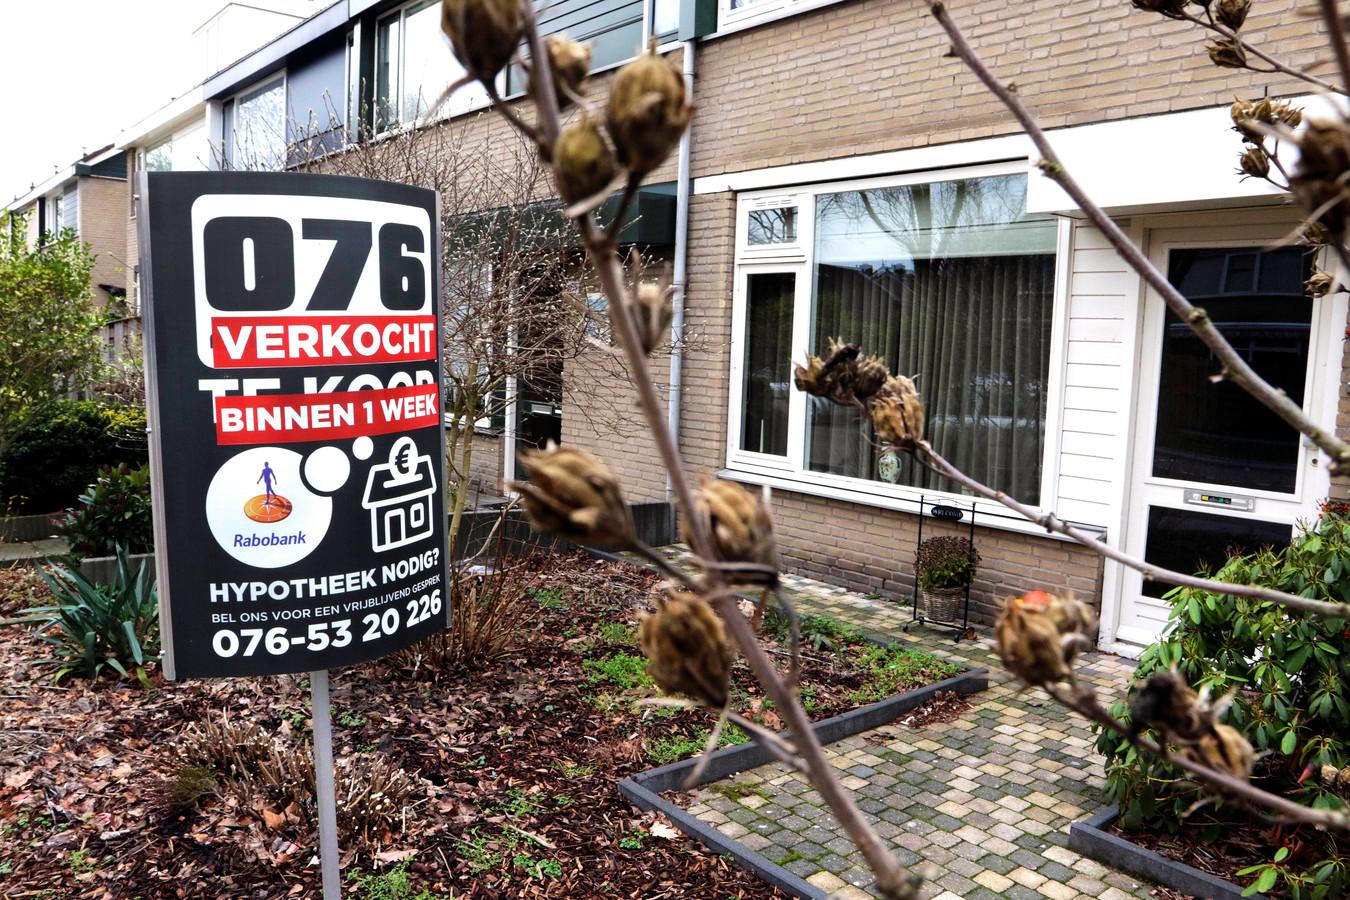 Een rijtjeshuis met tuin? Steeds meer Bredanaars slagen er niet meer in zo'n huis tegen een betaalbare prijs in eigen stad te vinden en wijken uit naar goedkopere randgemeenten als Etten-Leur.